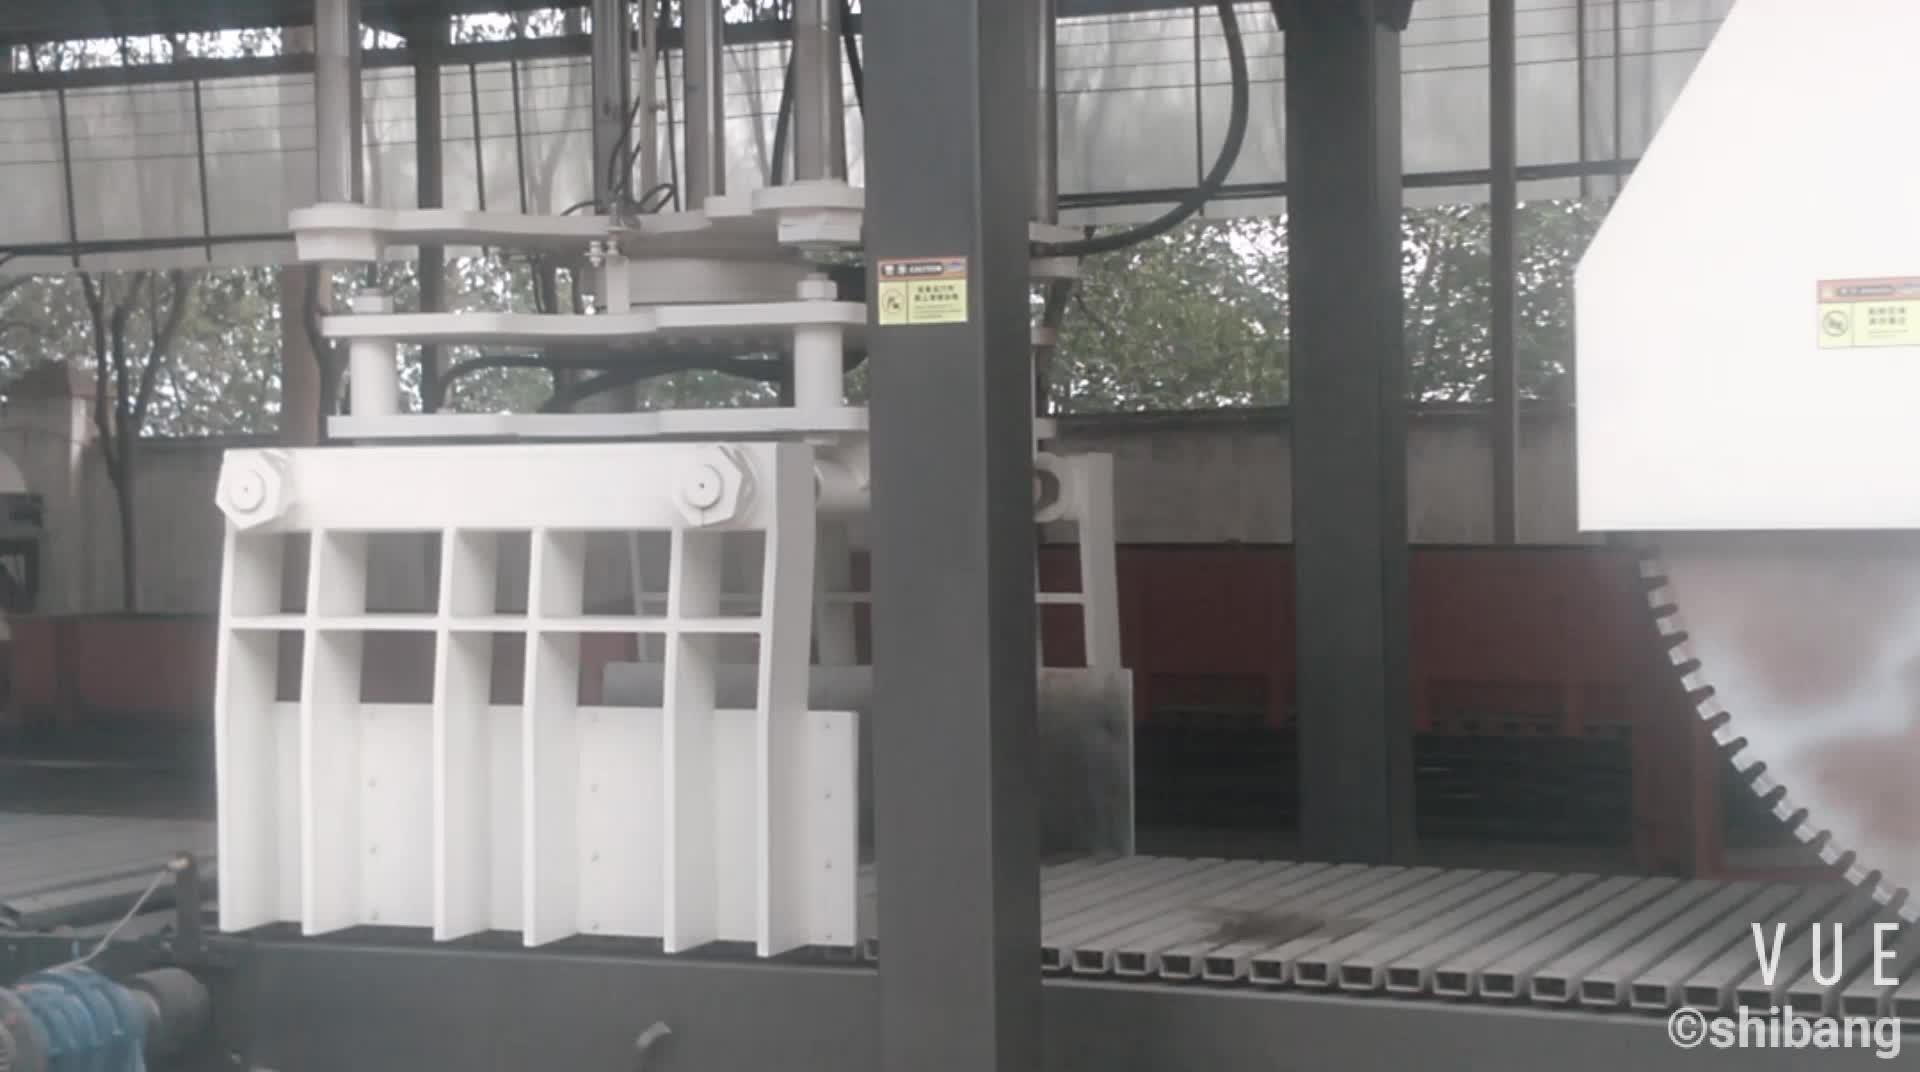 Mking Cellular Lightweight Concrete : Cellular lightweight foam concrete bricks making machine